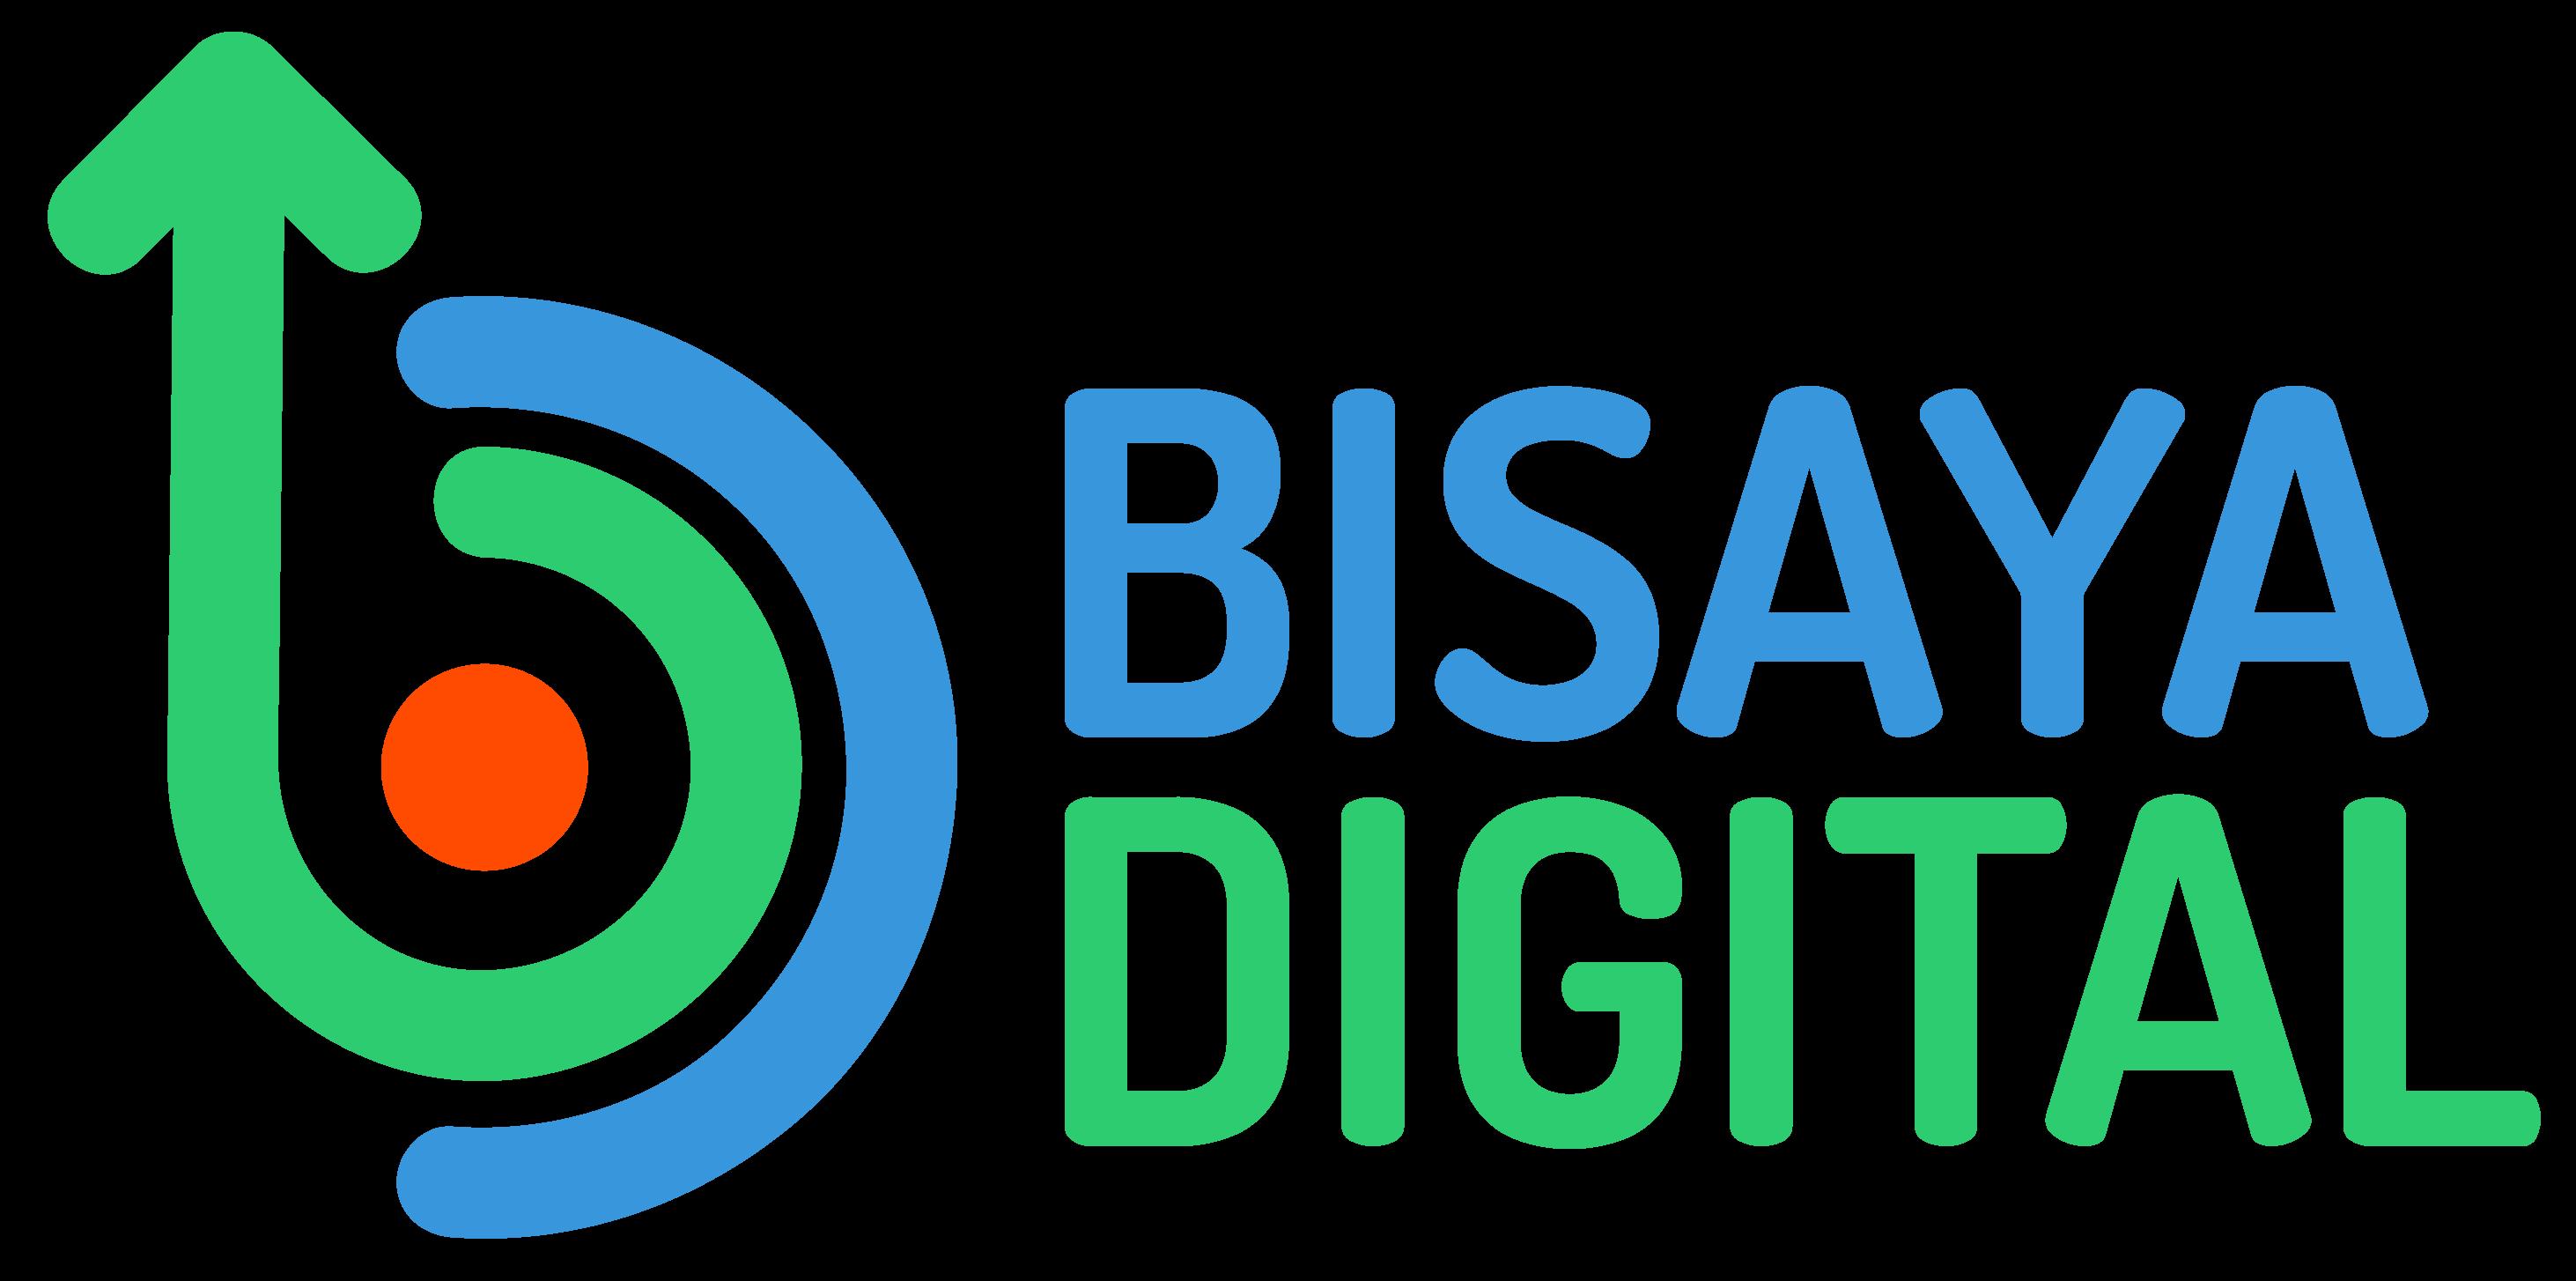 Bisaya Digital